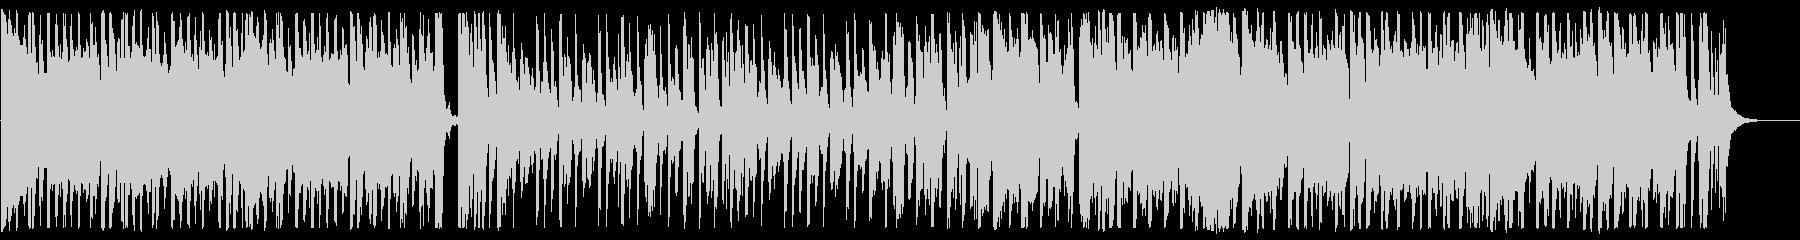 おしゃれ/J-pop_No590_2の未再生の波形